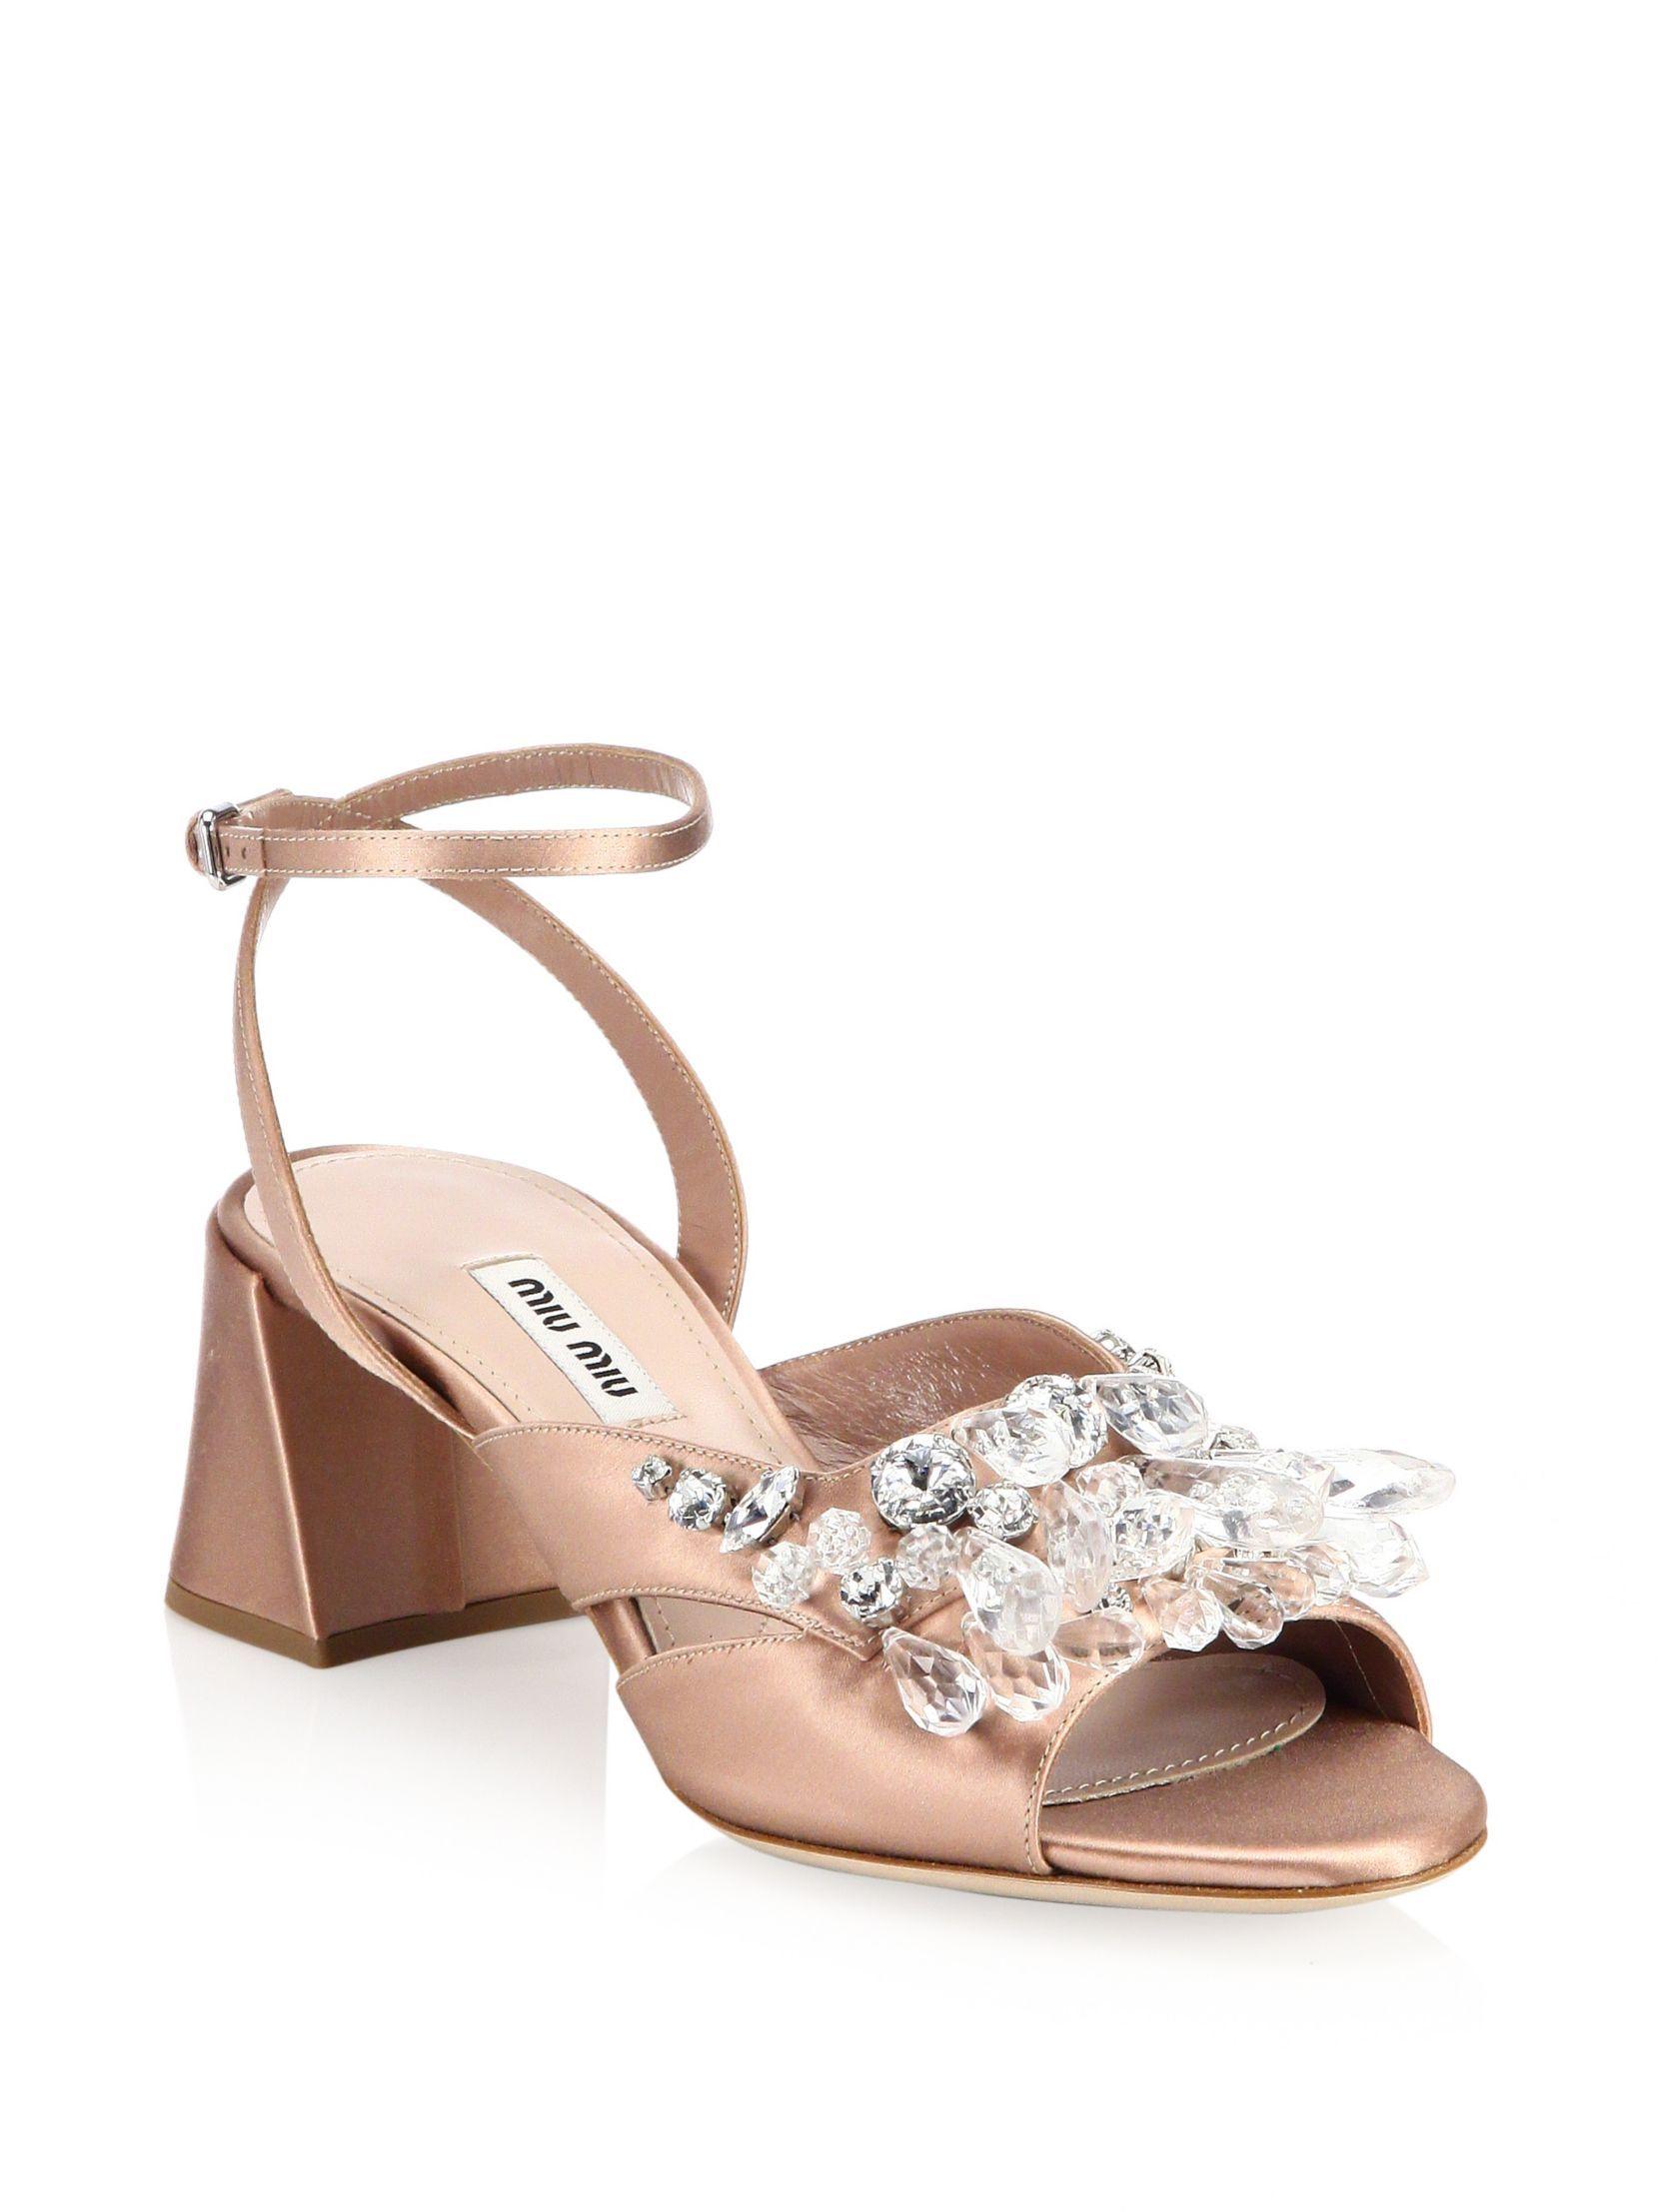 3862f343e Miu Miu Crystal Block Heel Sandals